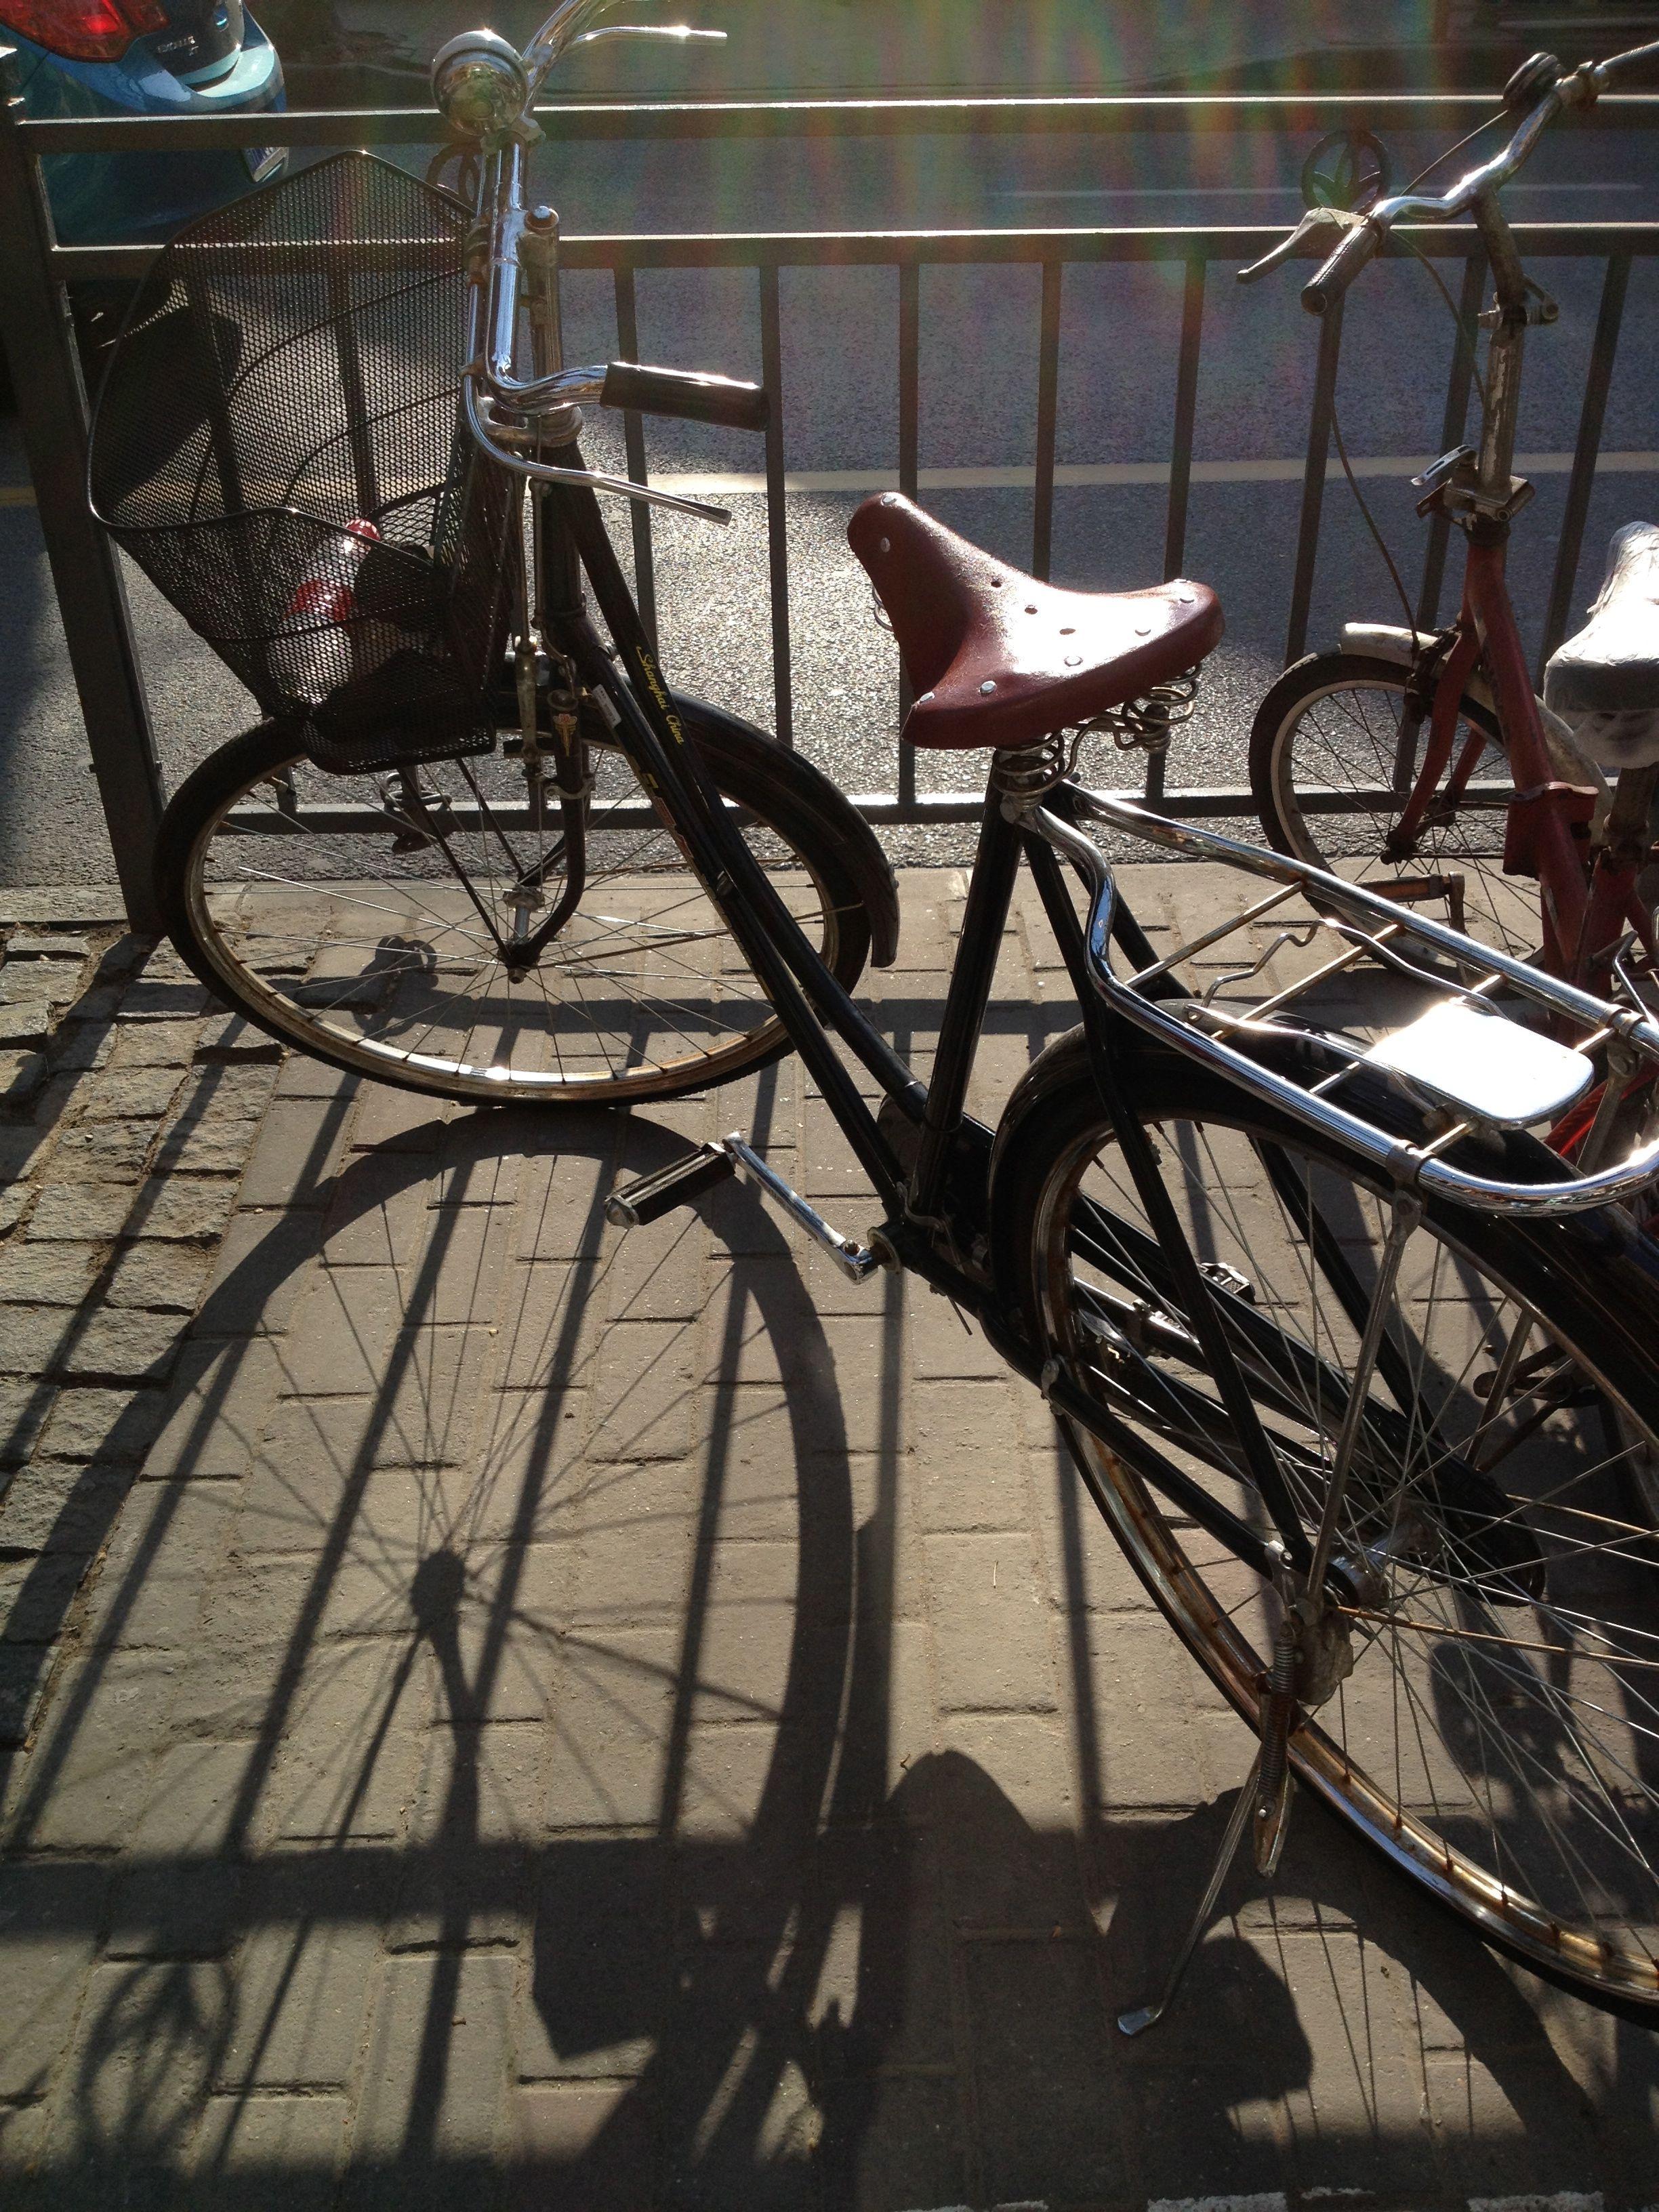 My Shanghai bike